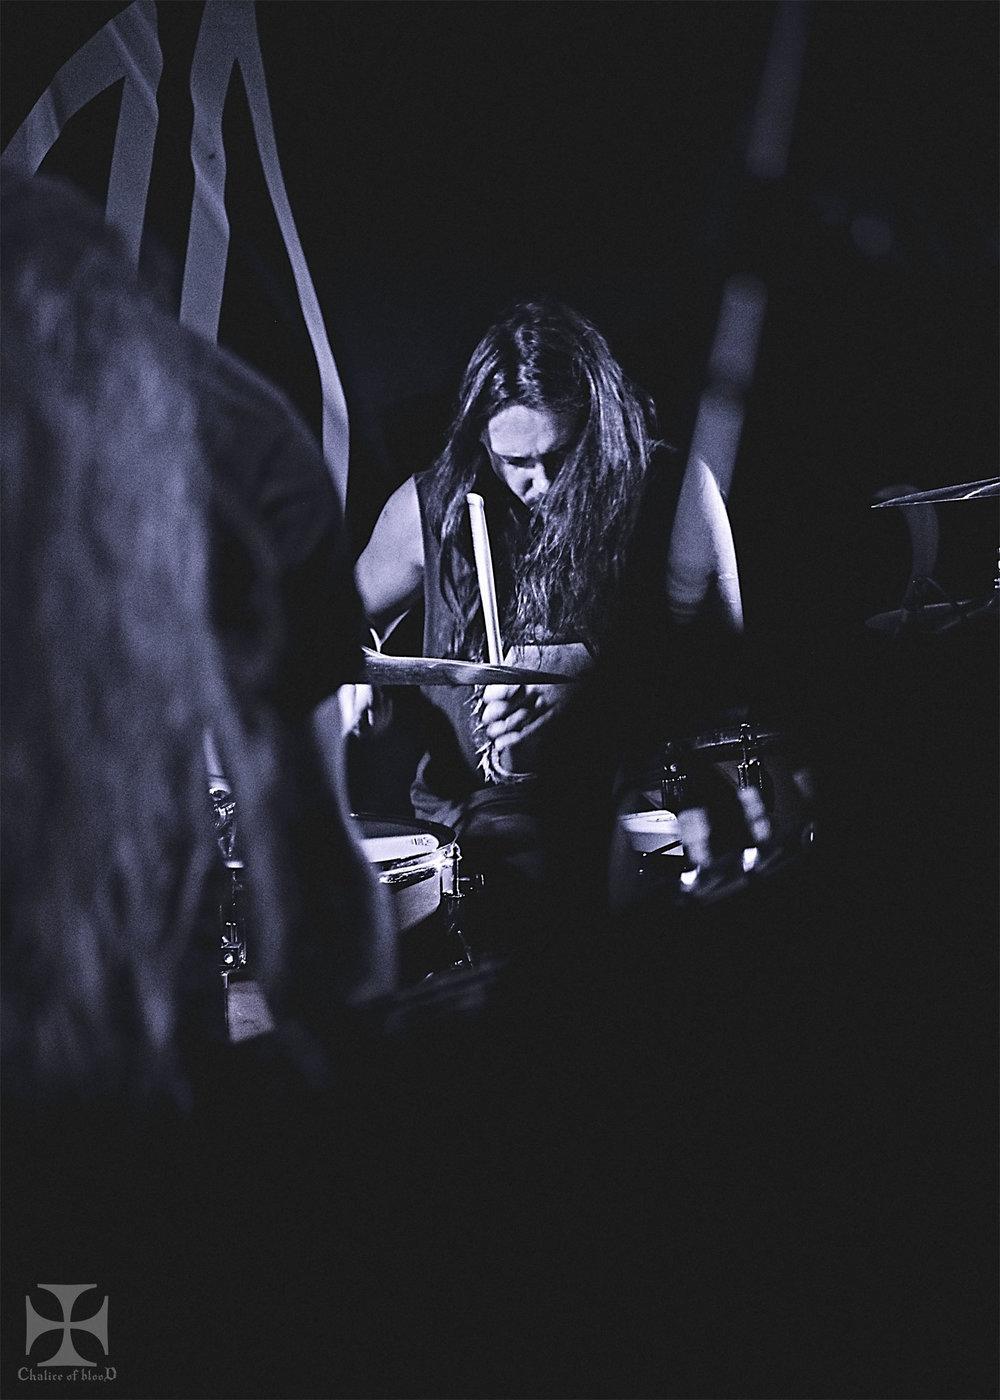 2017.04-Alcest---49-Exposure-watermarked.jpg